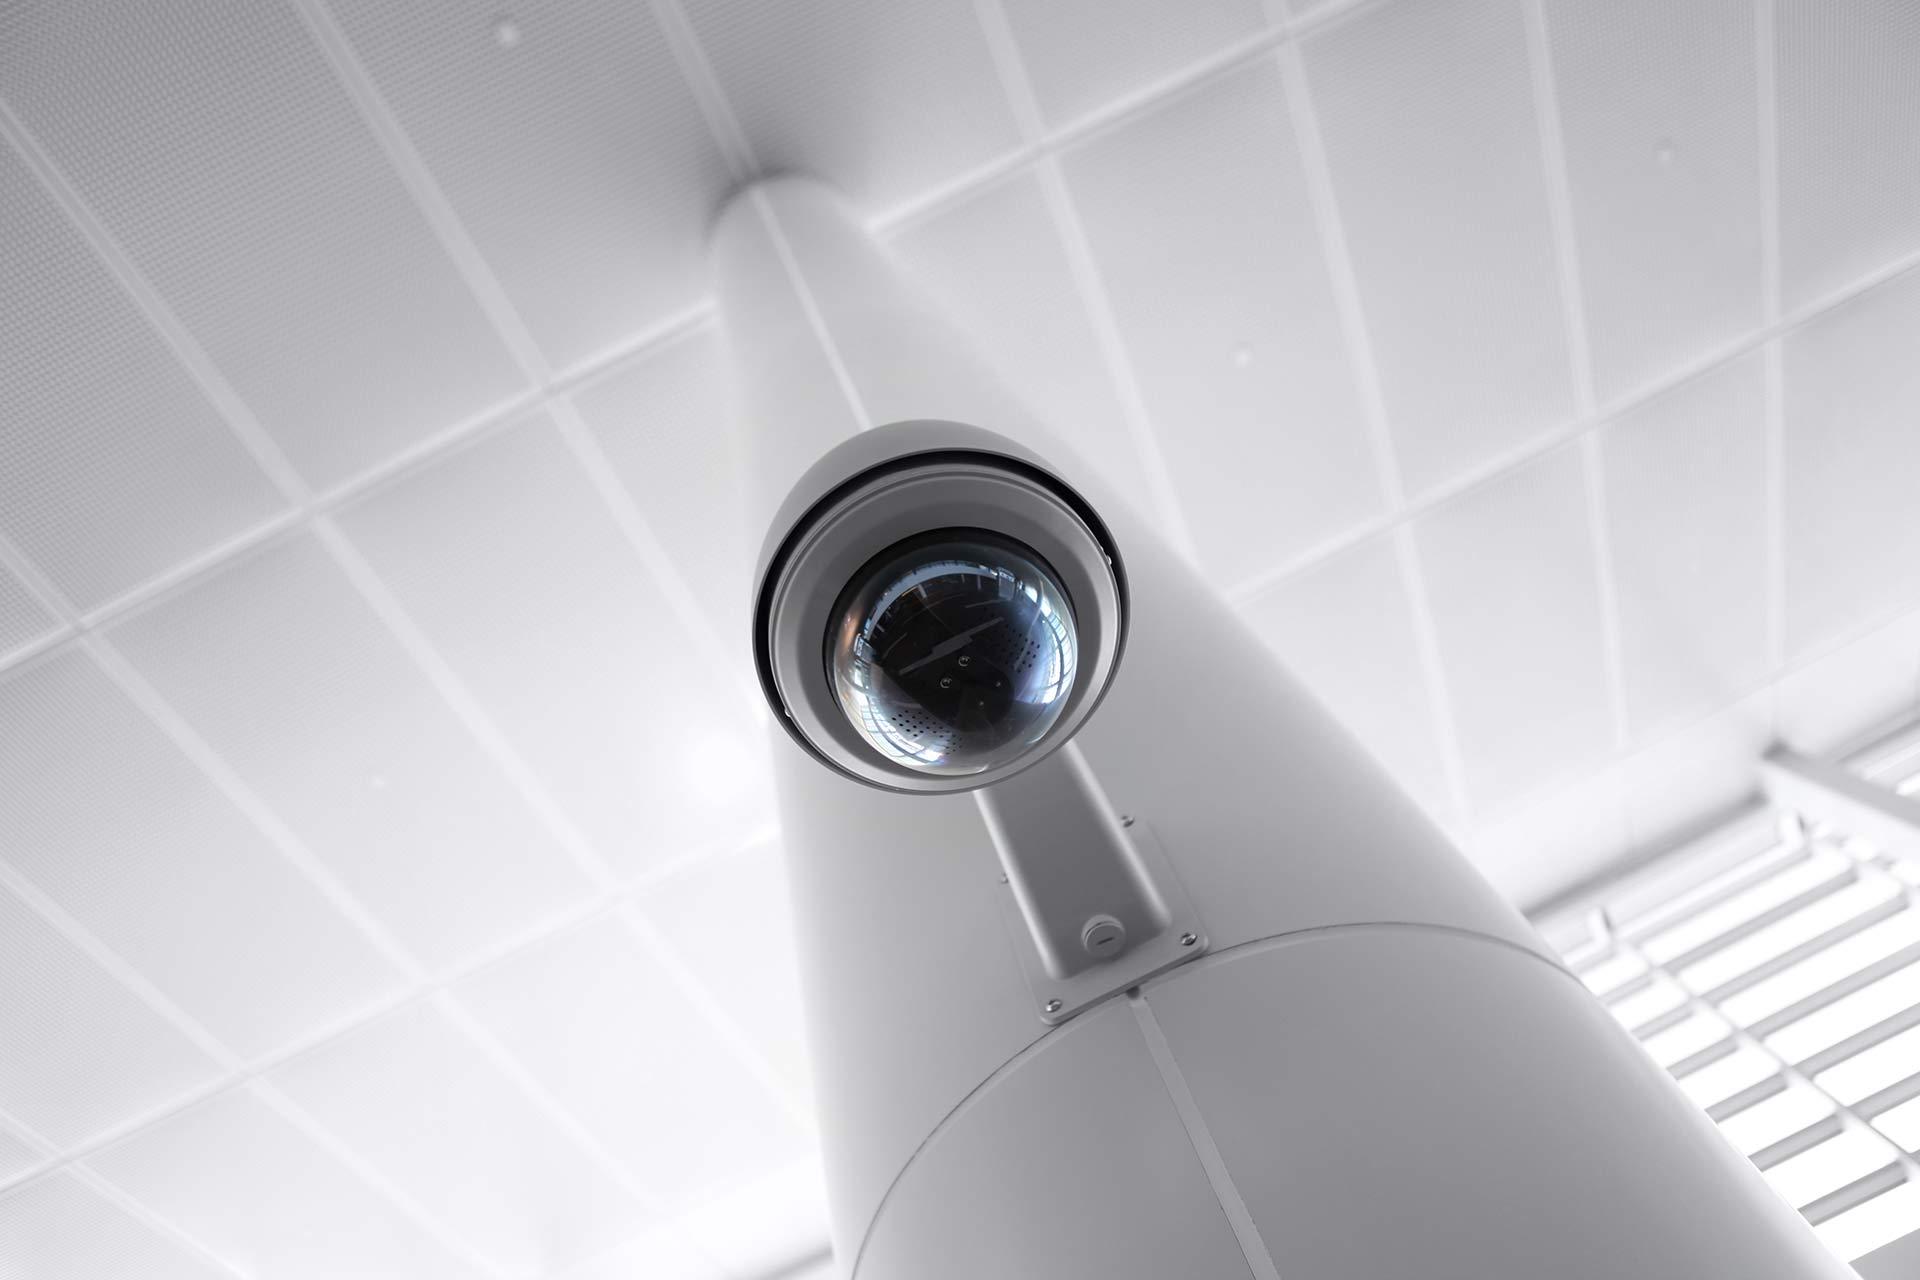 איך פועלות מצלמות אבטחה אלחוטיות